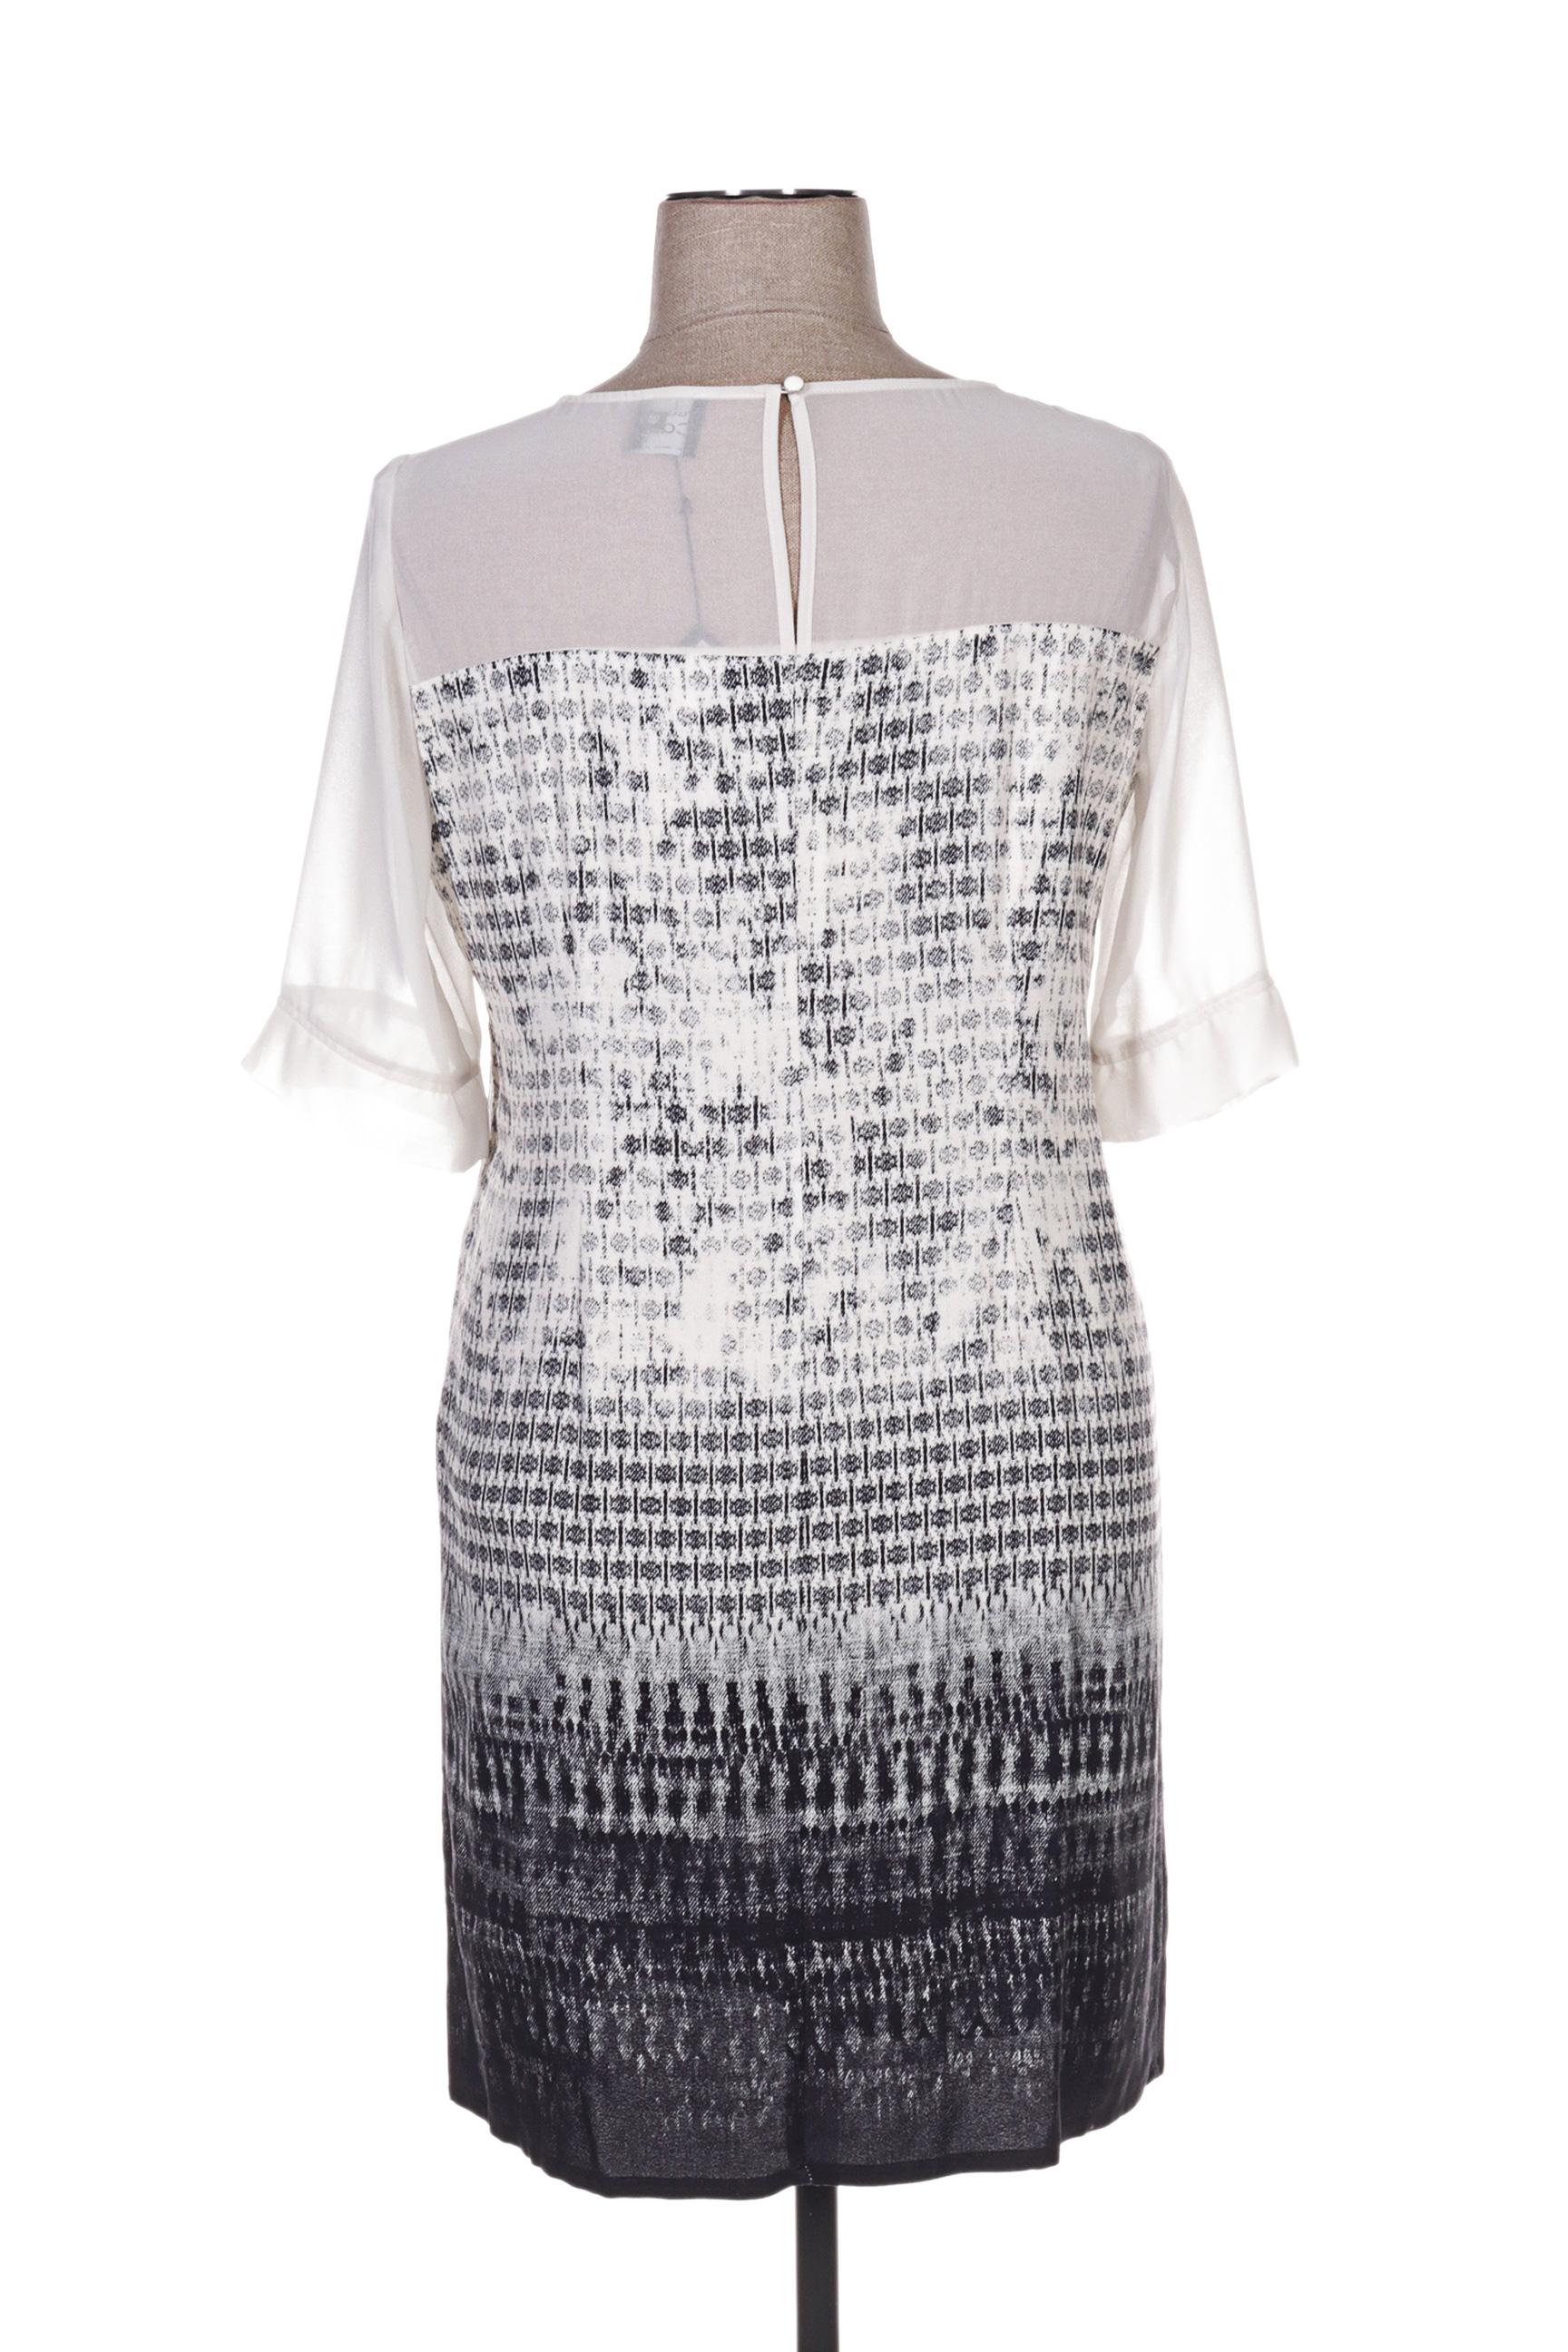 Pause Cafe Robes Mi Longues Femme De Couleur Blanc En Soldes Pas Cher 1291352-blanc0